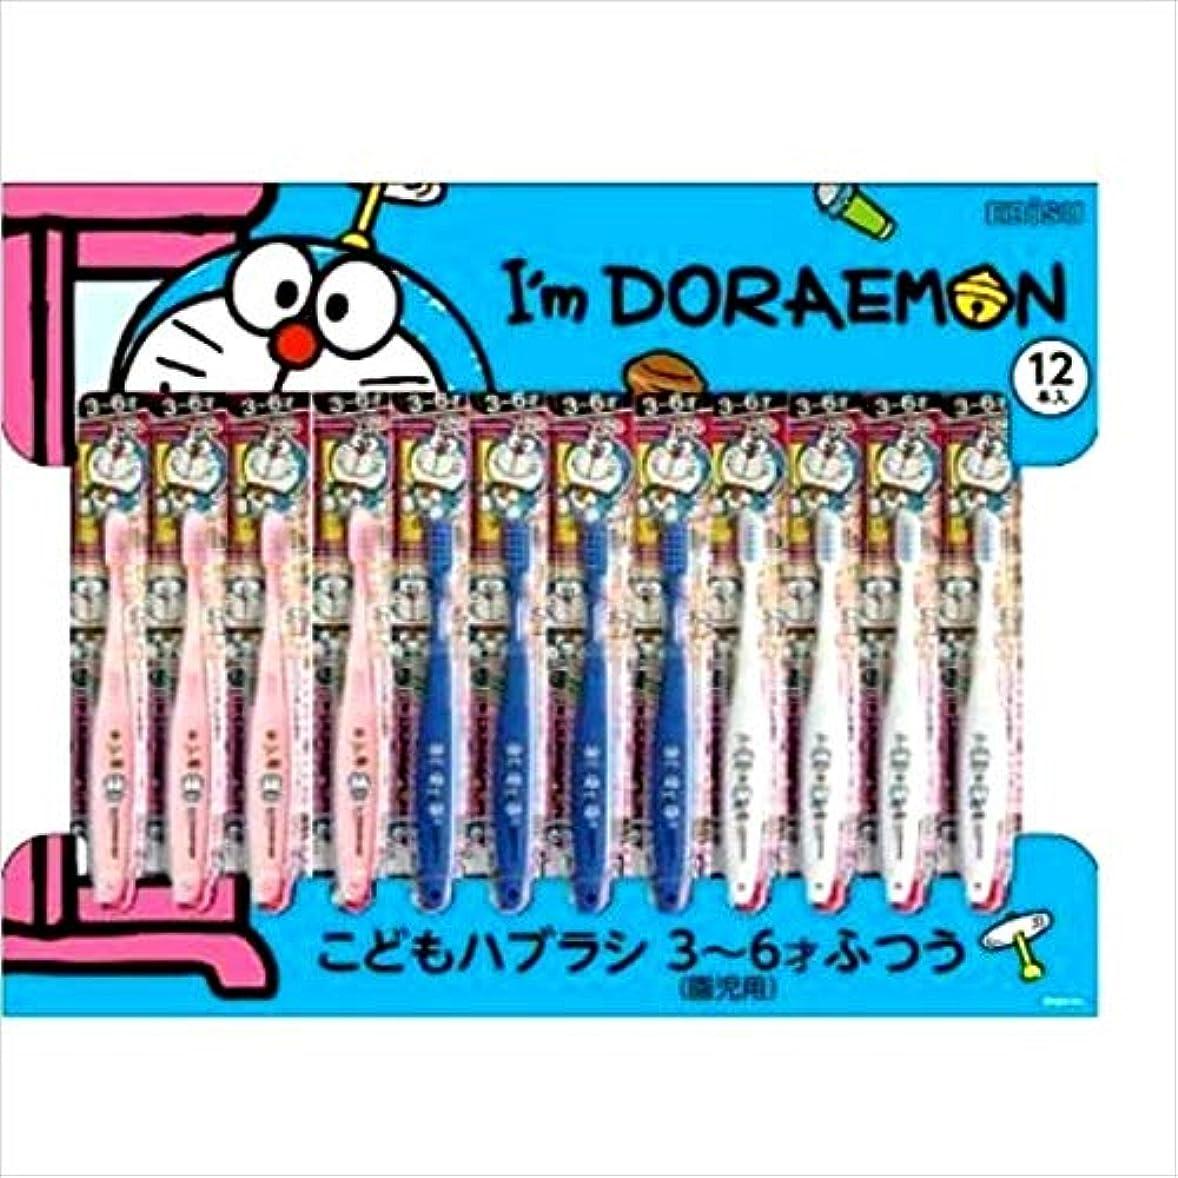 前提条件和らげるパーチナシティI'M DORAEMON 子供用 歯ブラシ 12本入り